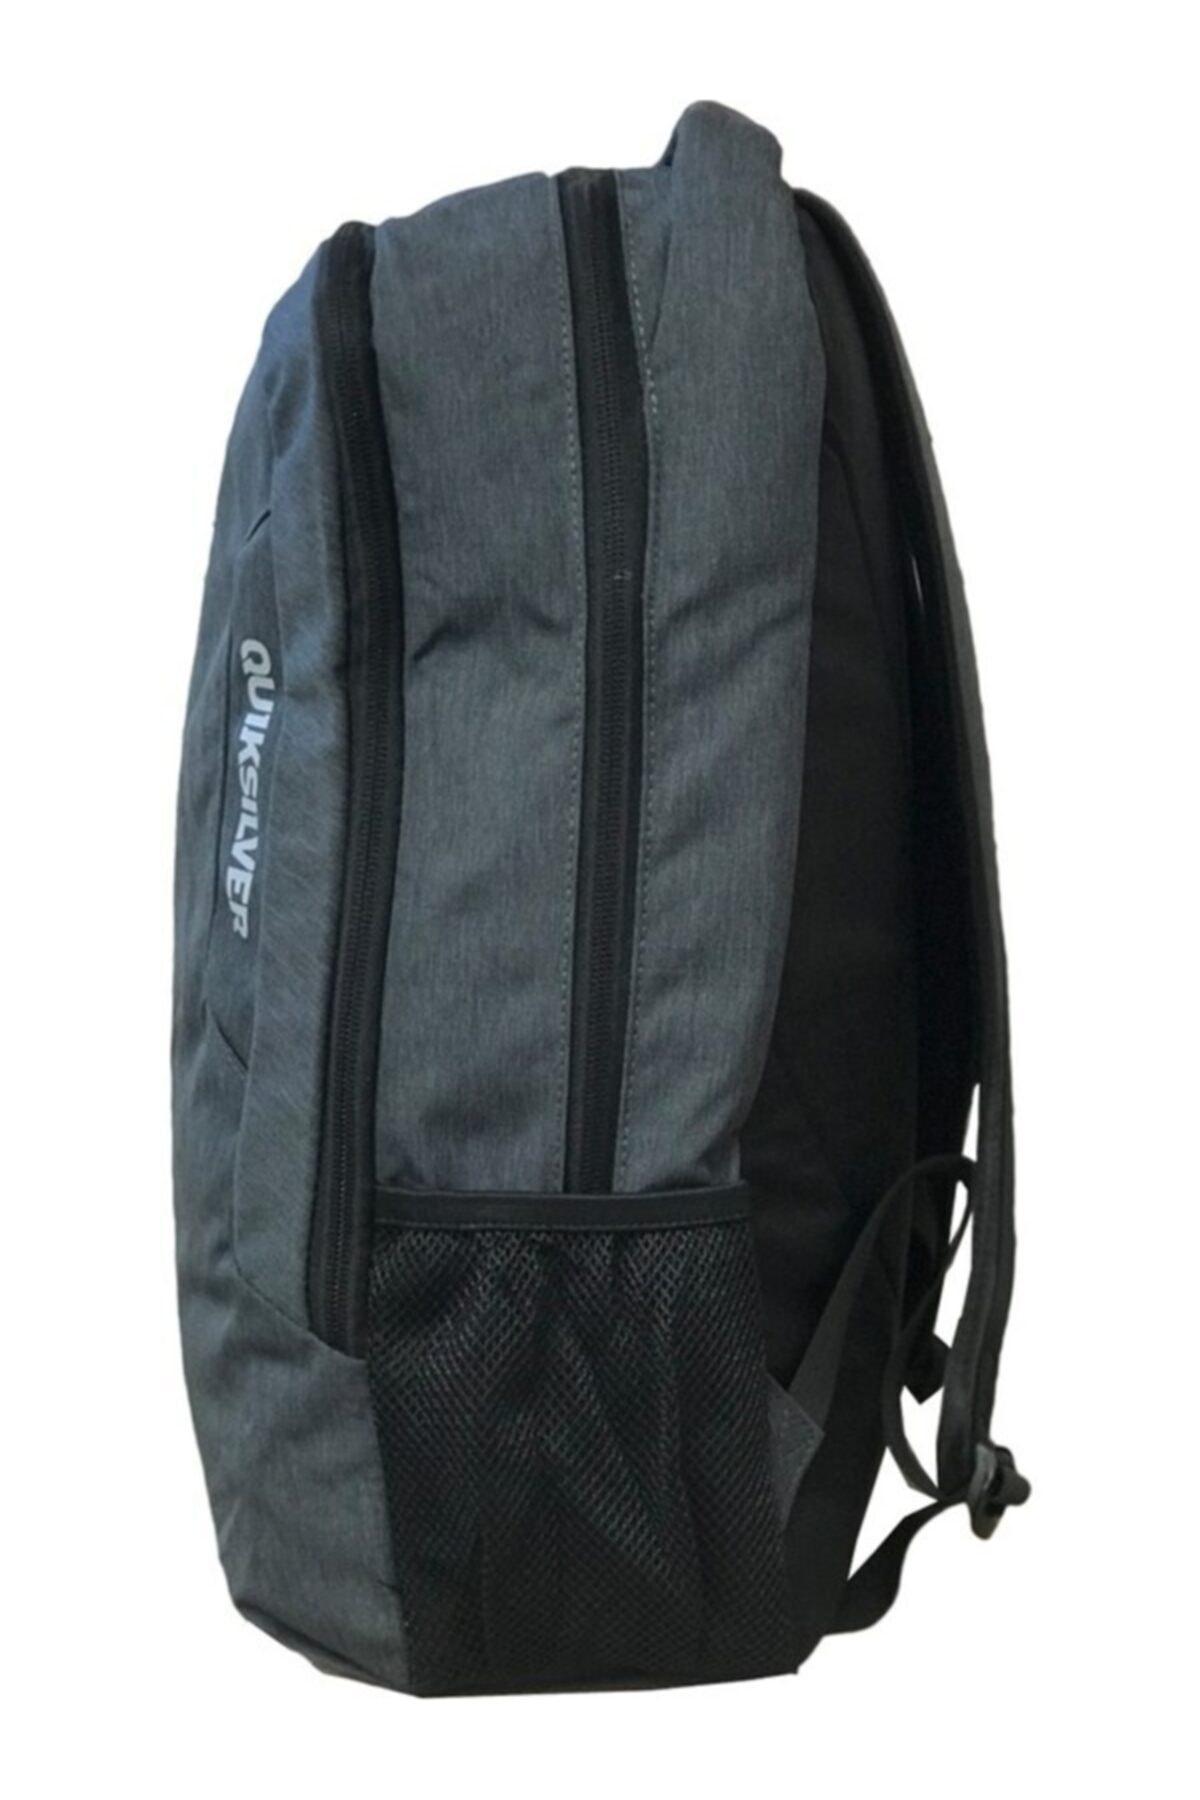 Quiksilver Quıksılver Everyday Backpack V2 Kvj6 Teqybp07010-kvj 2